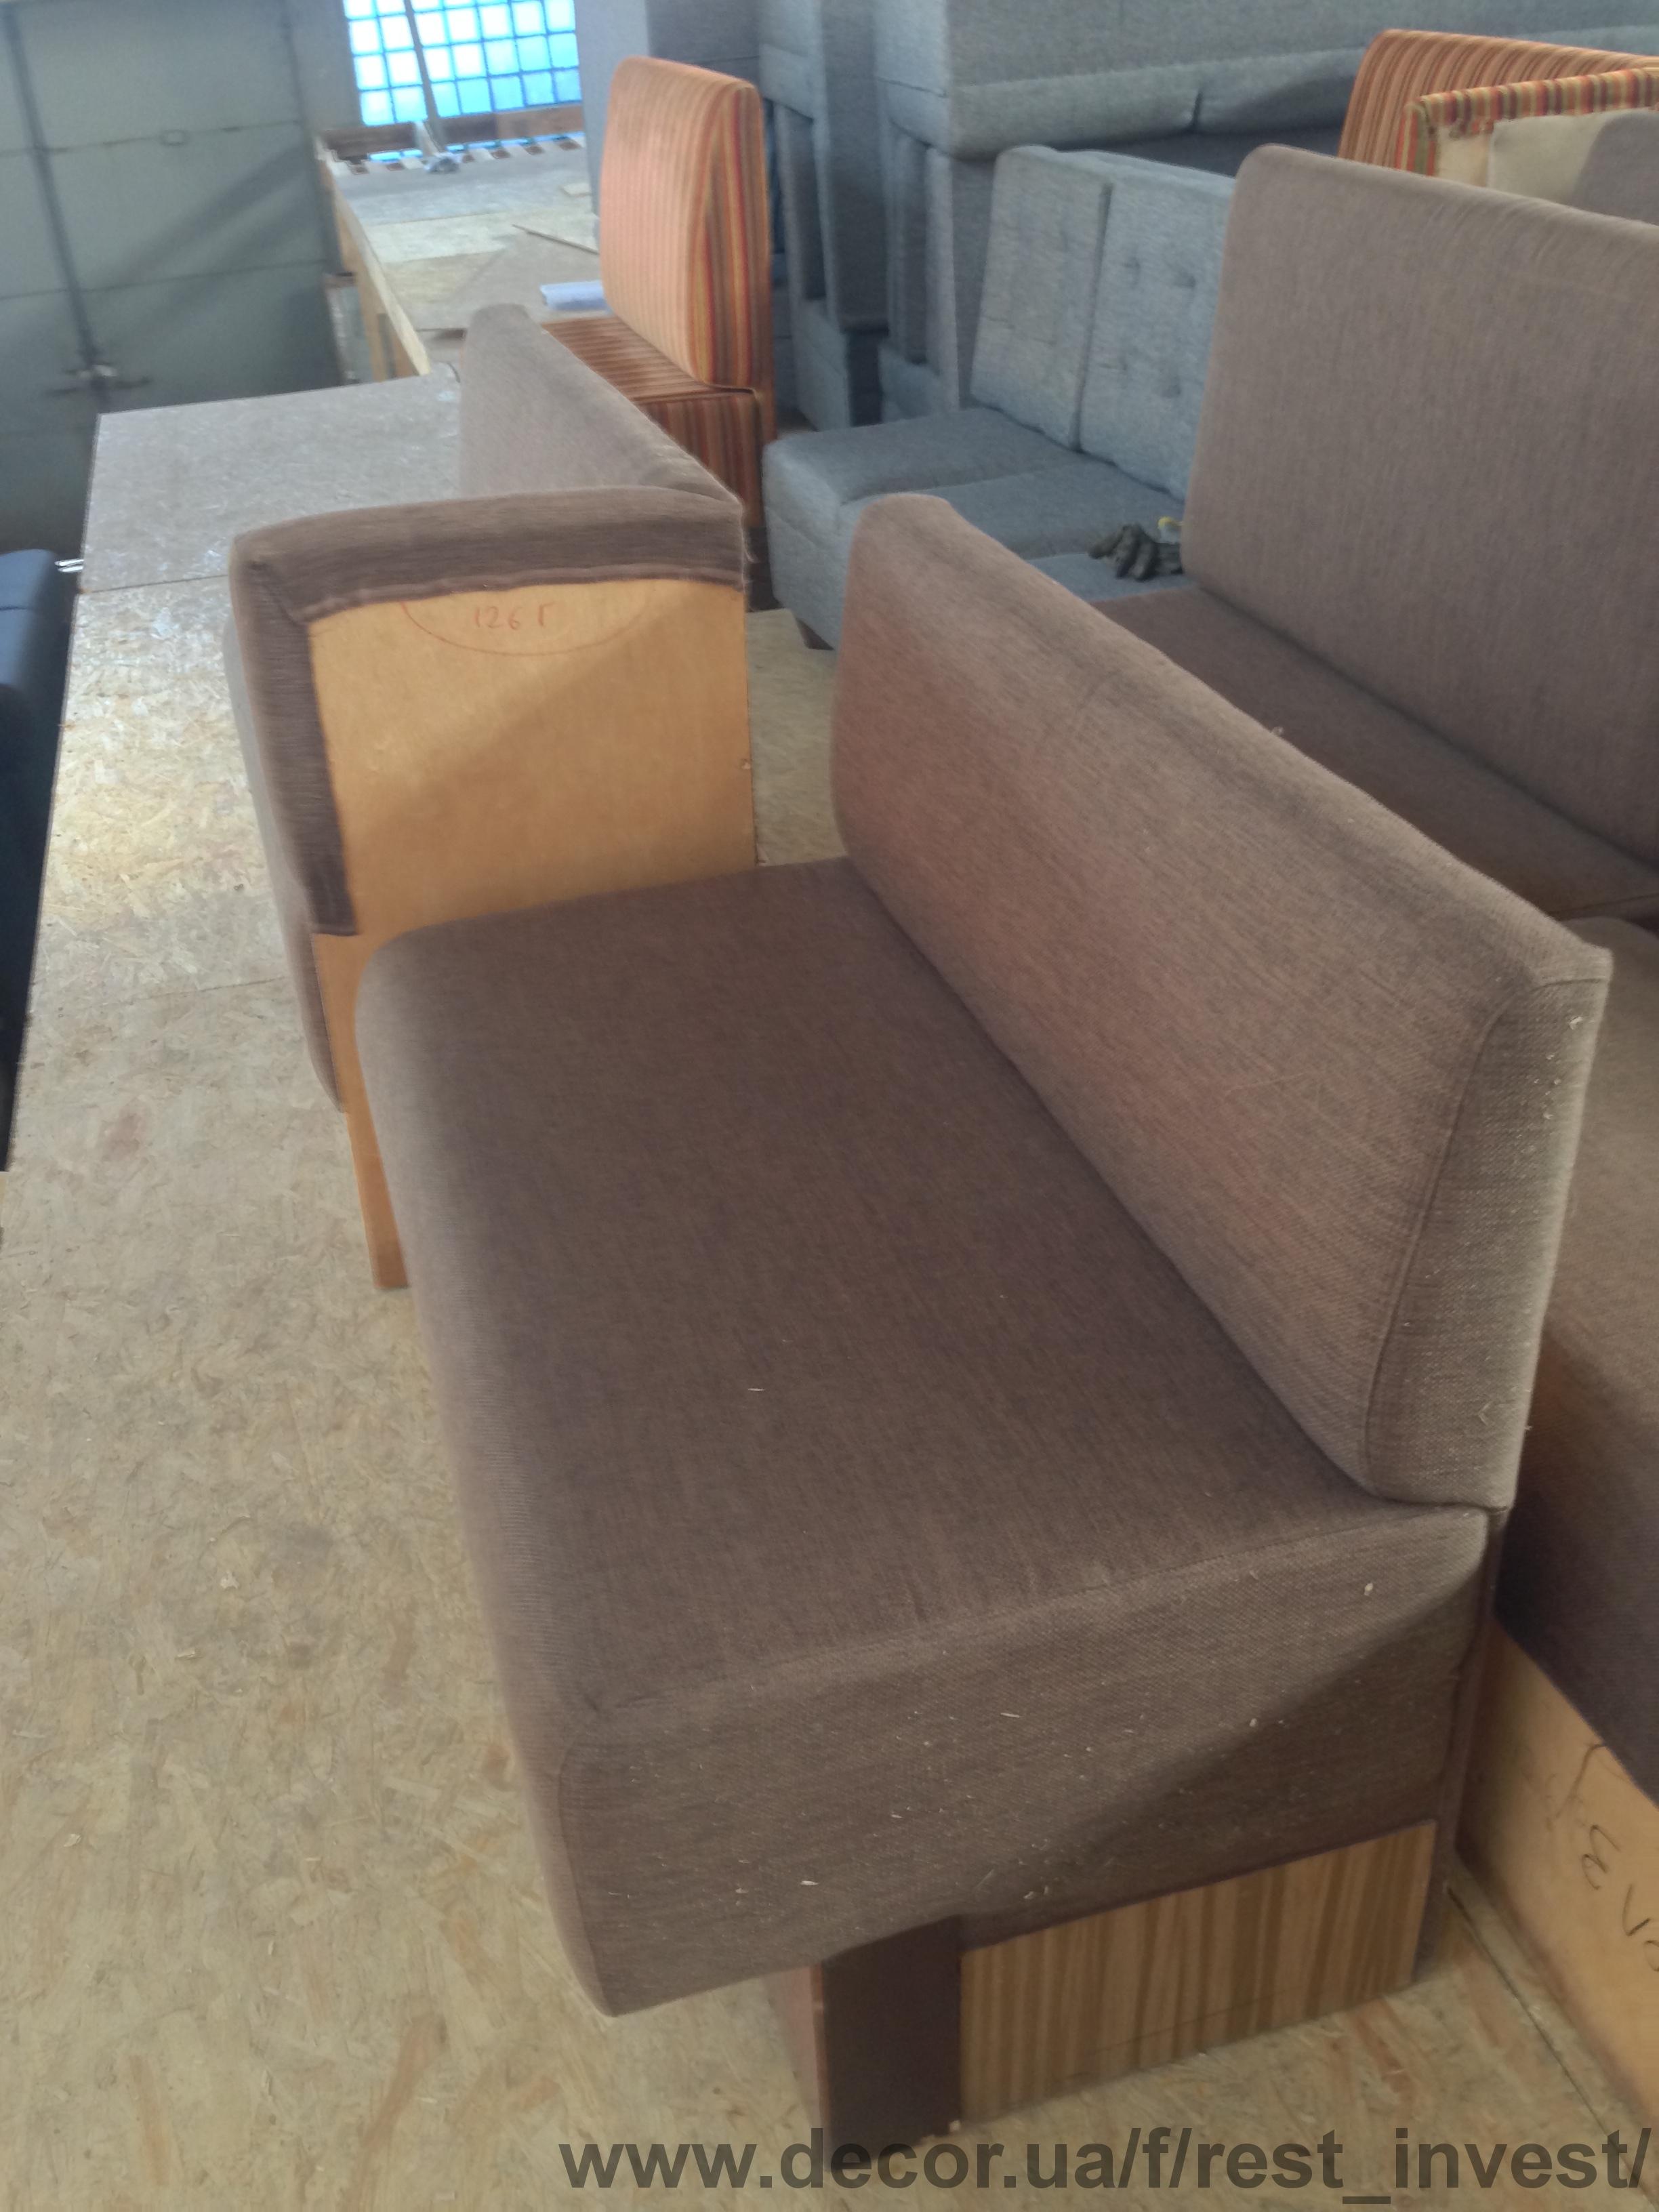 реализация мягкой мебели для зала кафе ресторана бу по вы